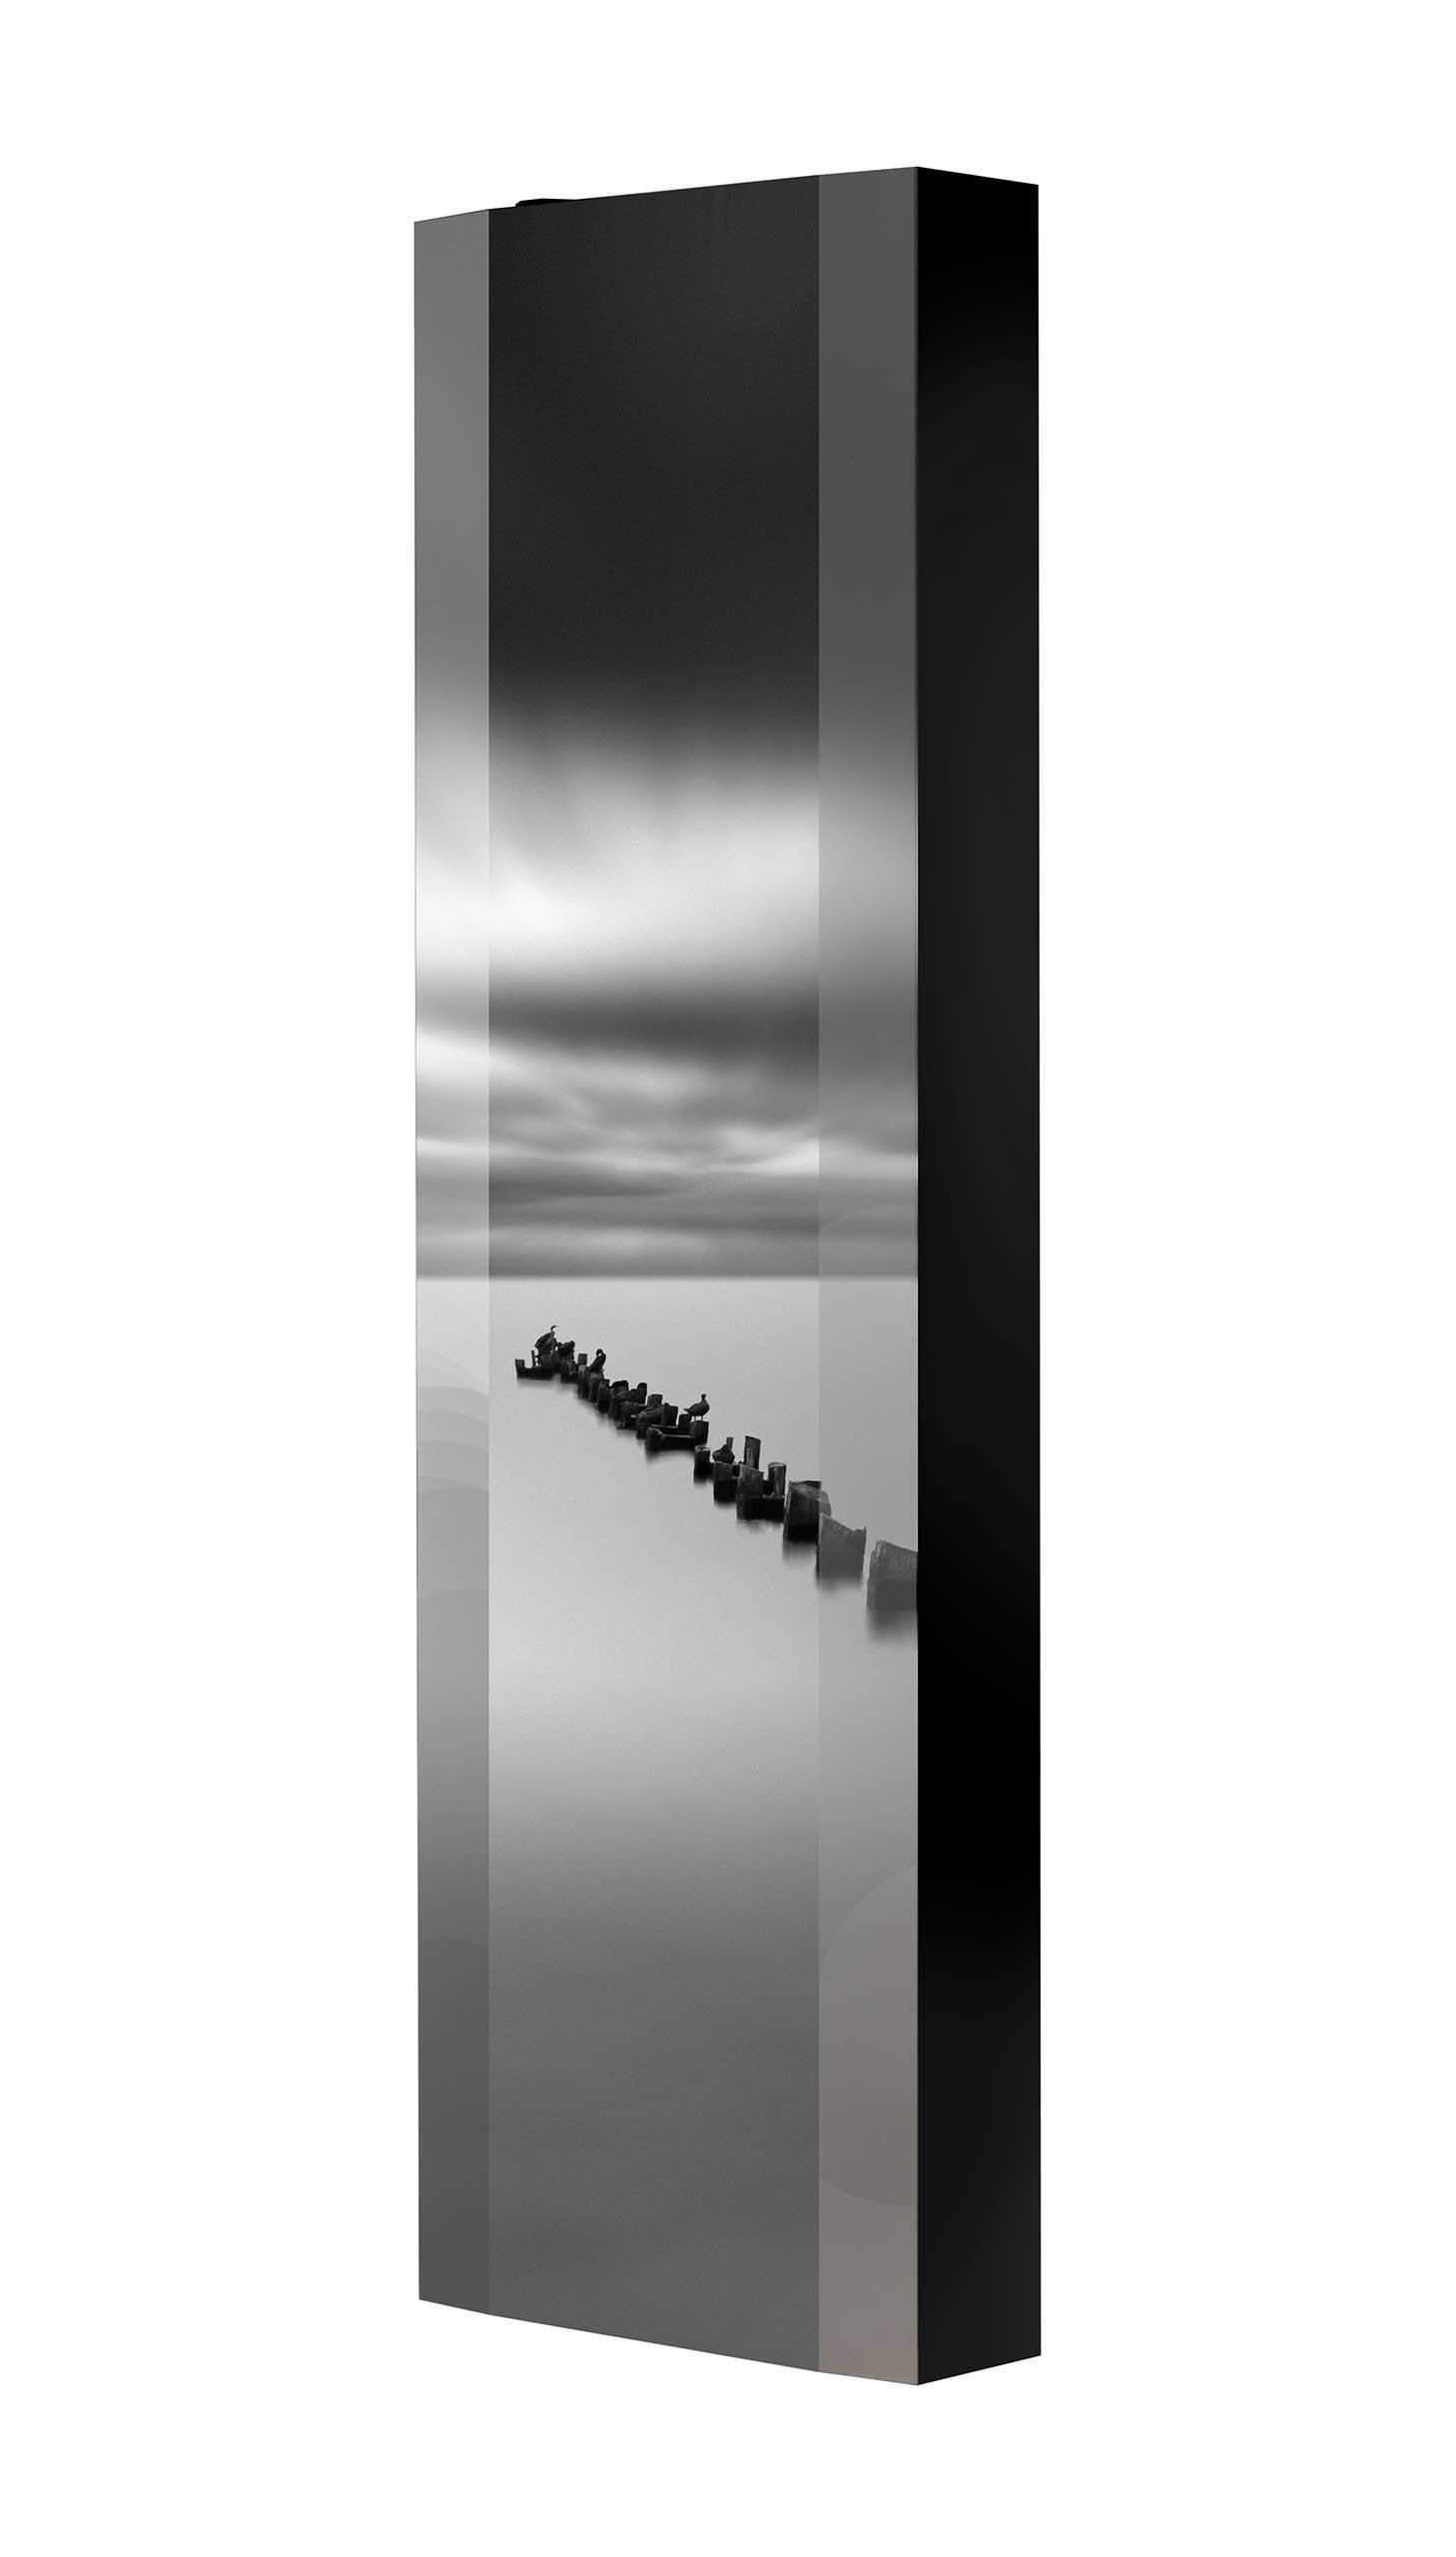 Schuhschrank FLASH 450 BLACK-EDITION Motivschrank schwarz drehbar M36 See Schwarz-Weiß